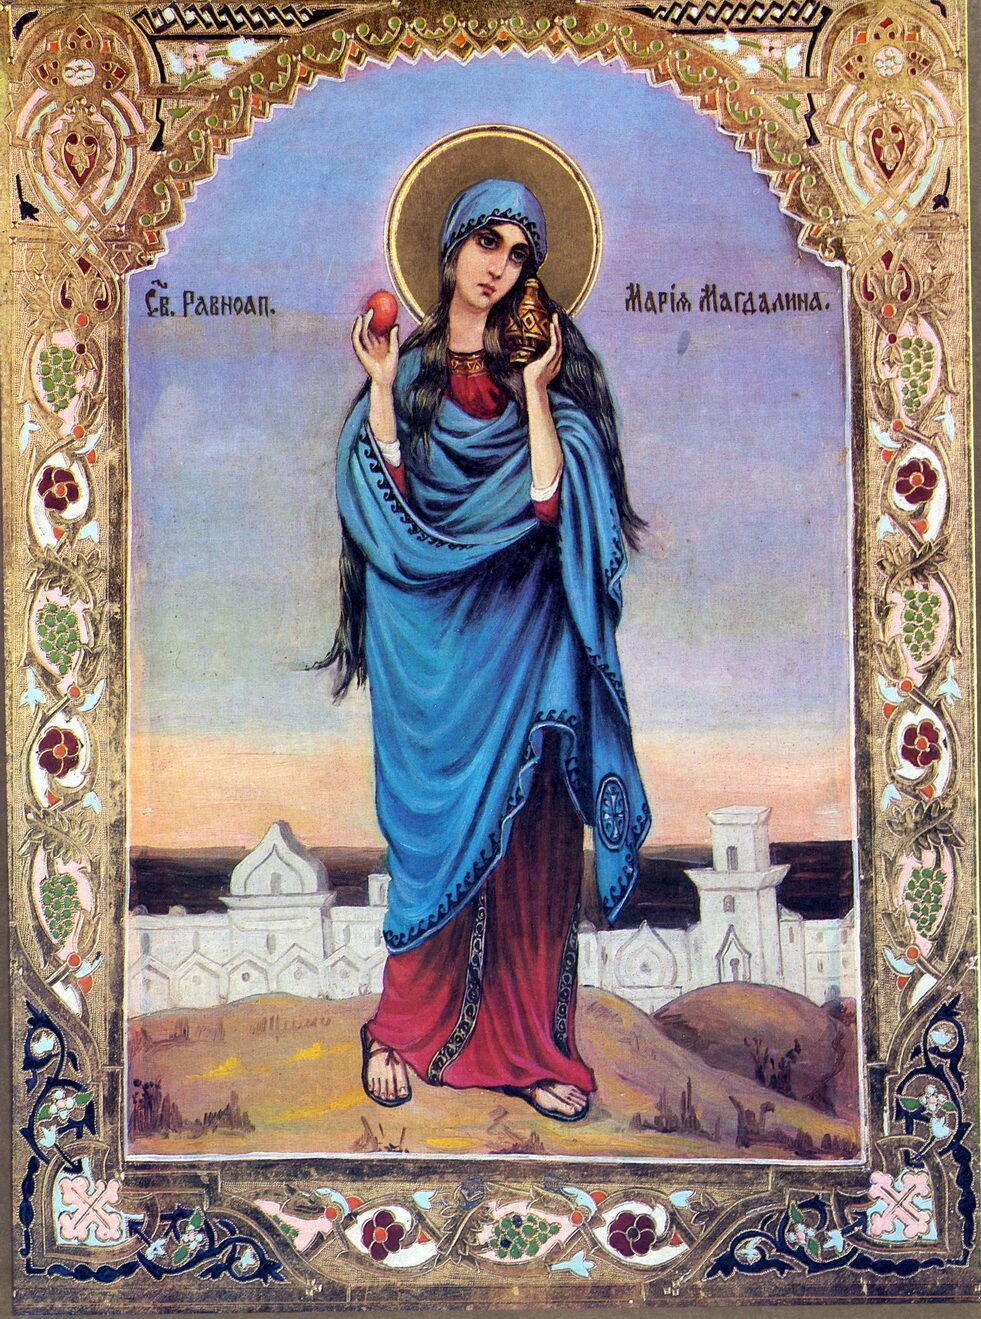 Поздравление с праздником марии магдалины фото 506